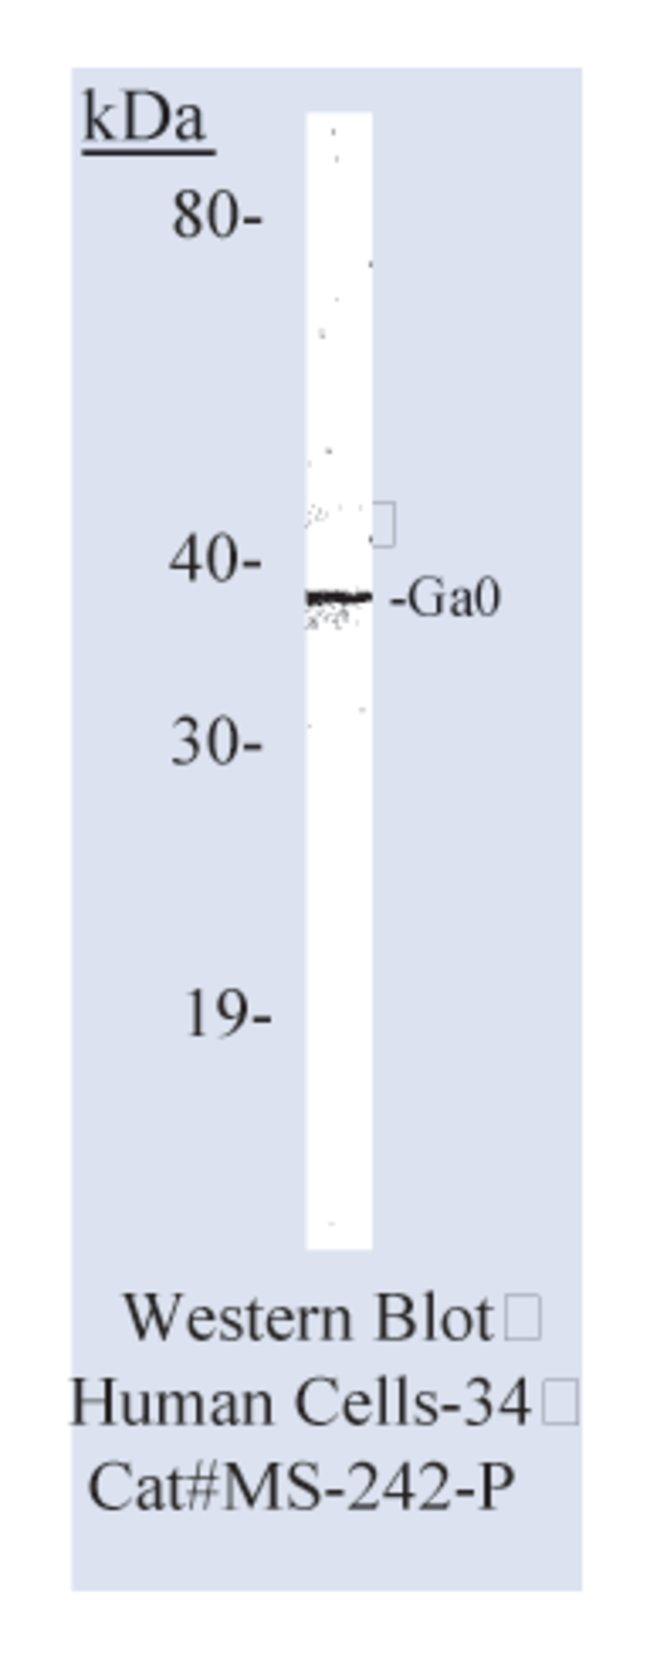 anti-Go G-Protein Ab-2, Clone: 2A.3, Thermo Scientific Lab Vision::